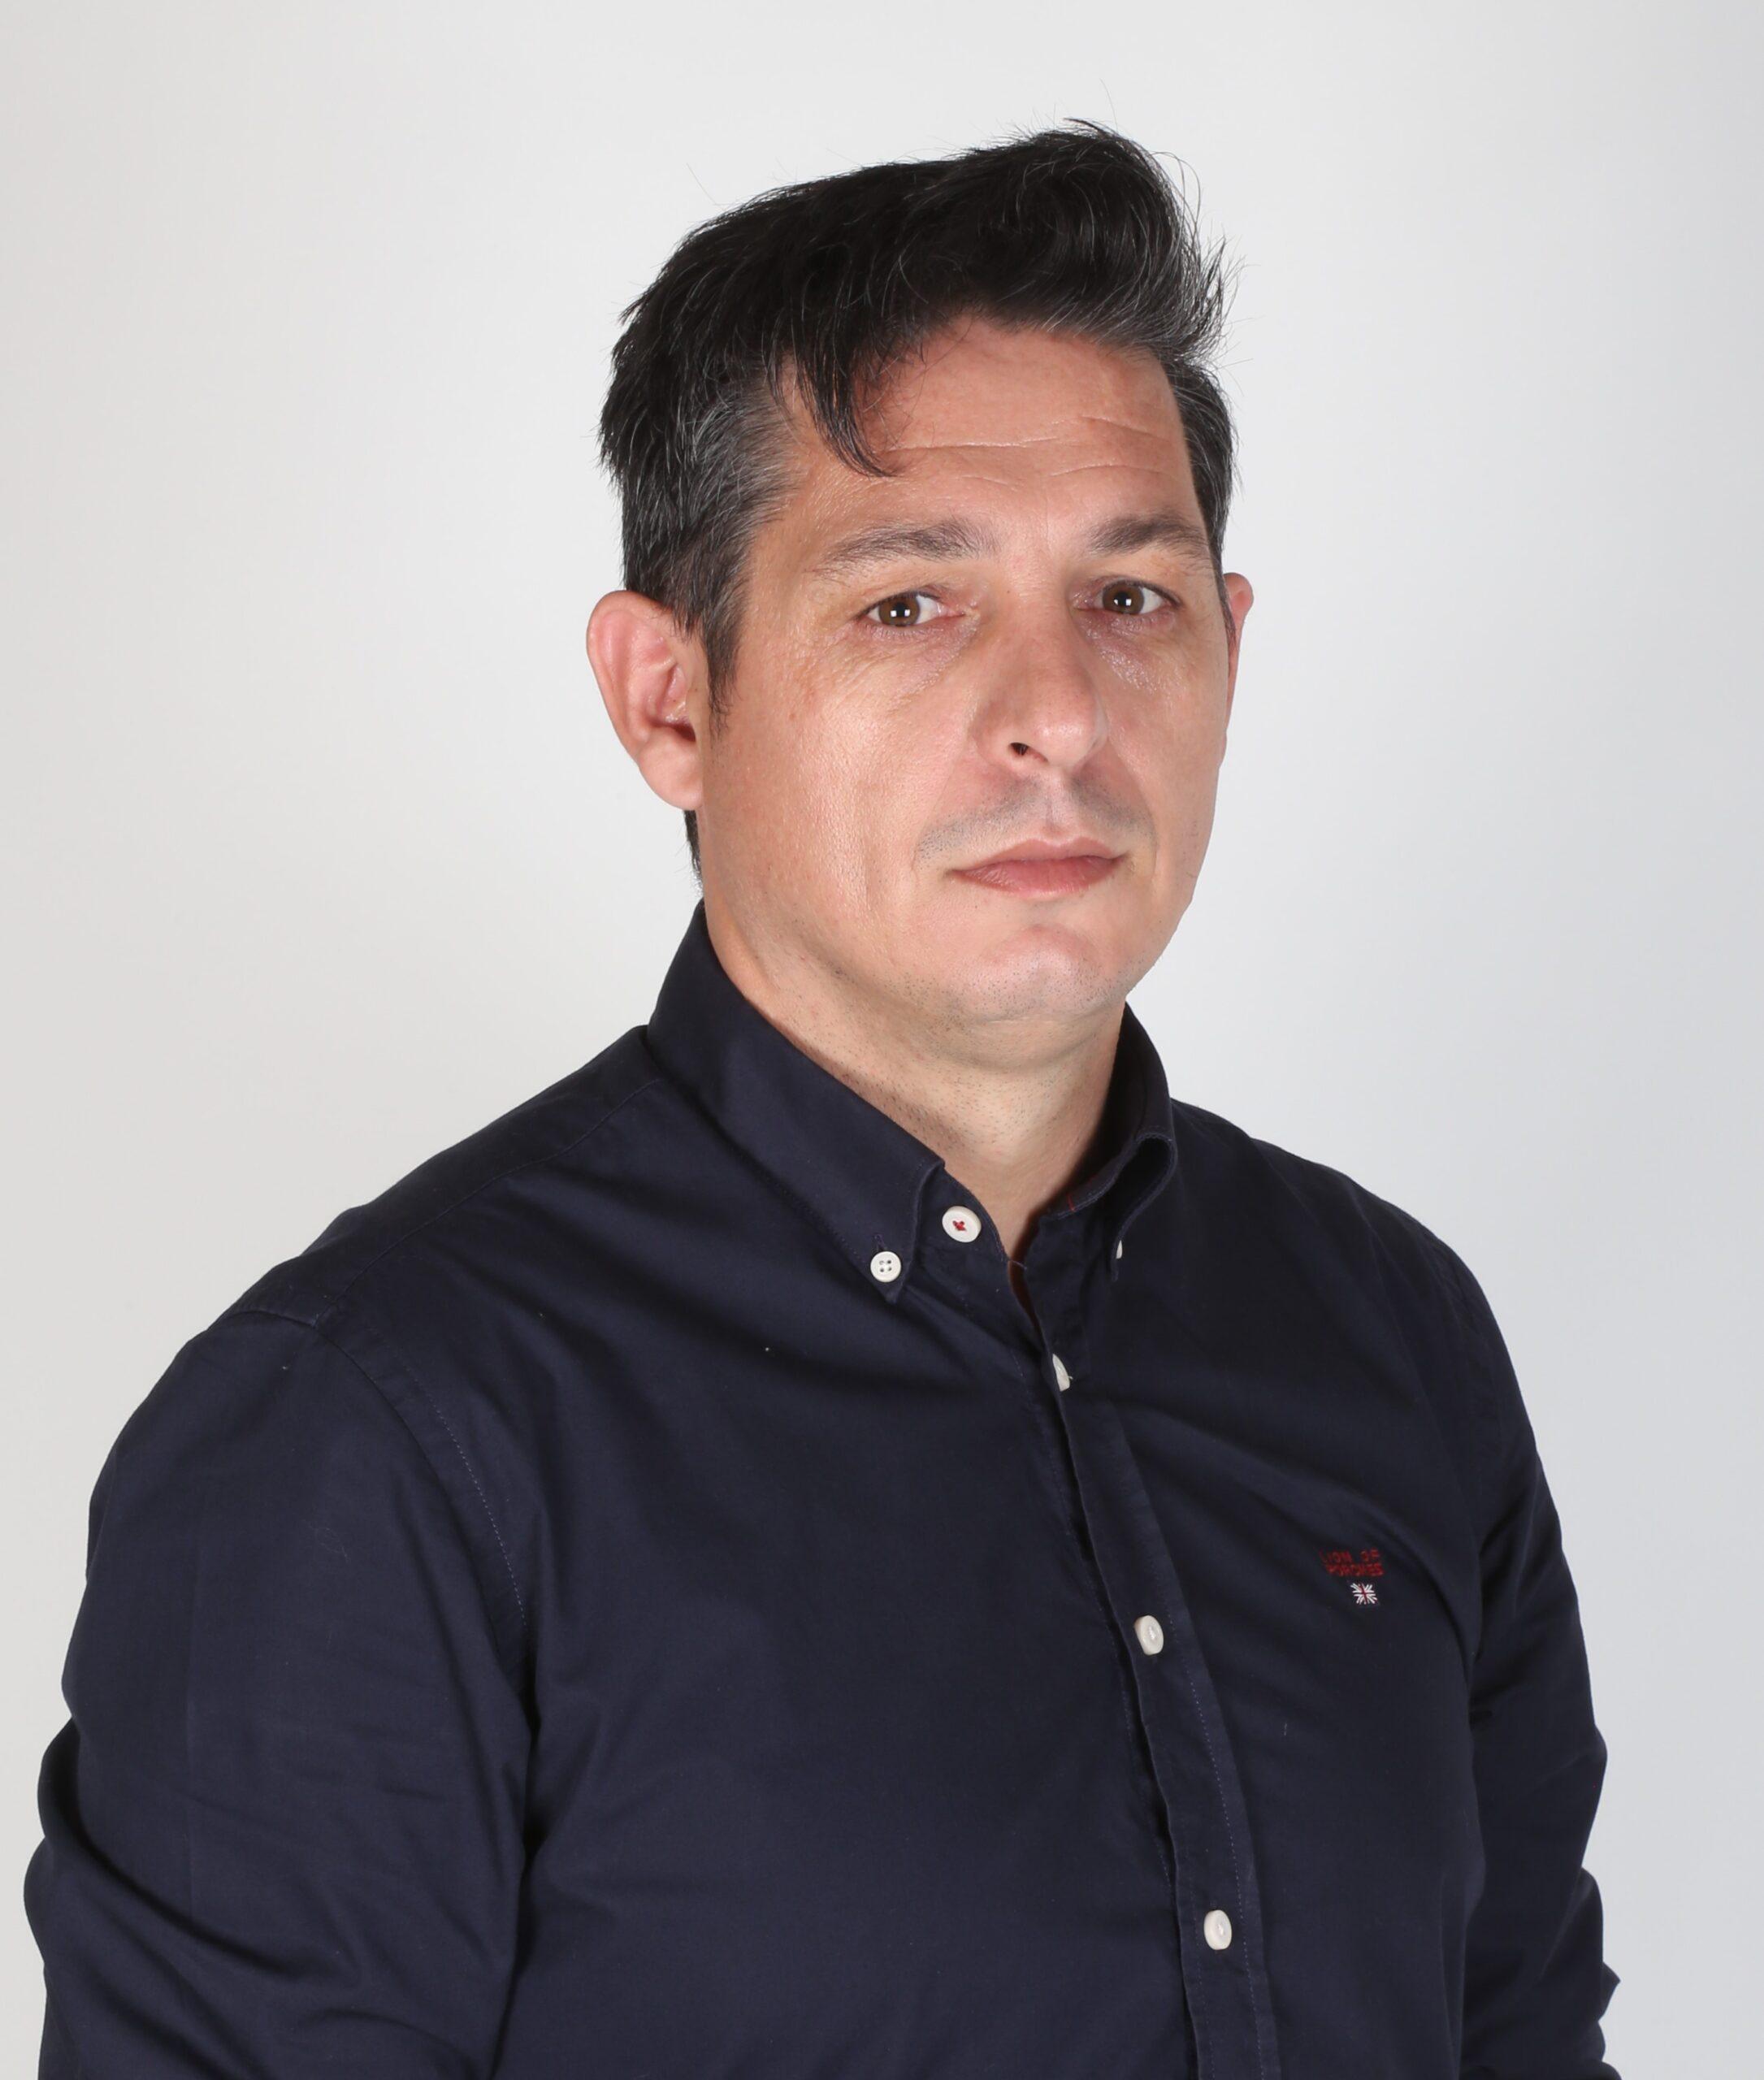 Marco Carrilho é o candidato do Bloco à Câmara Municipal de Vila Flor